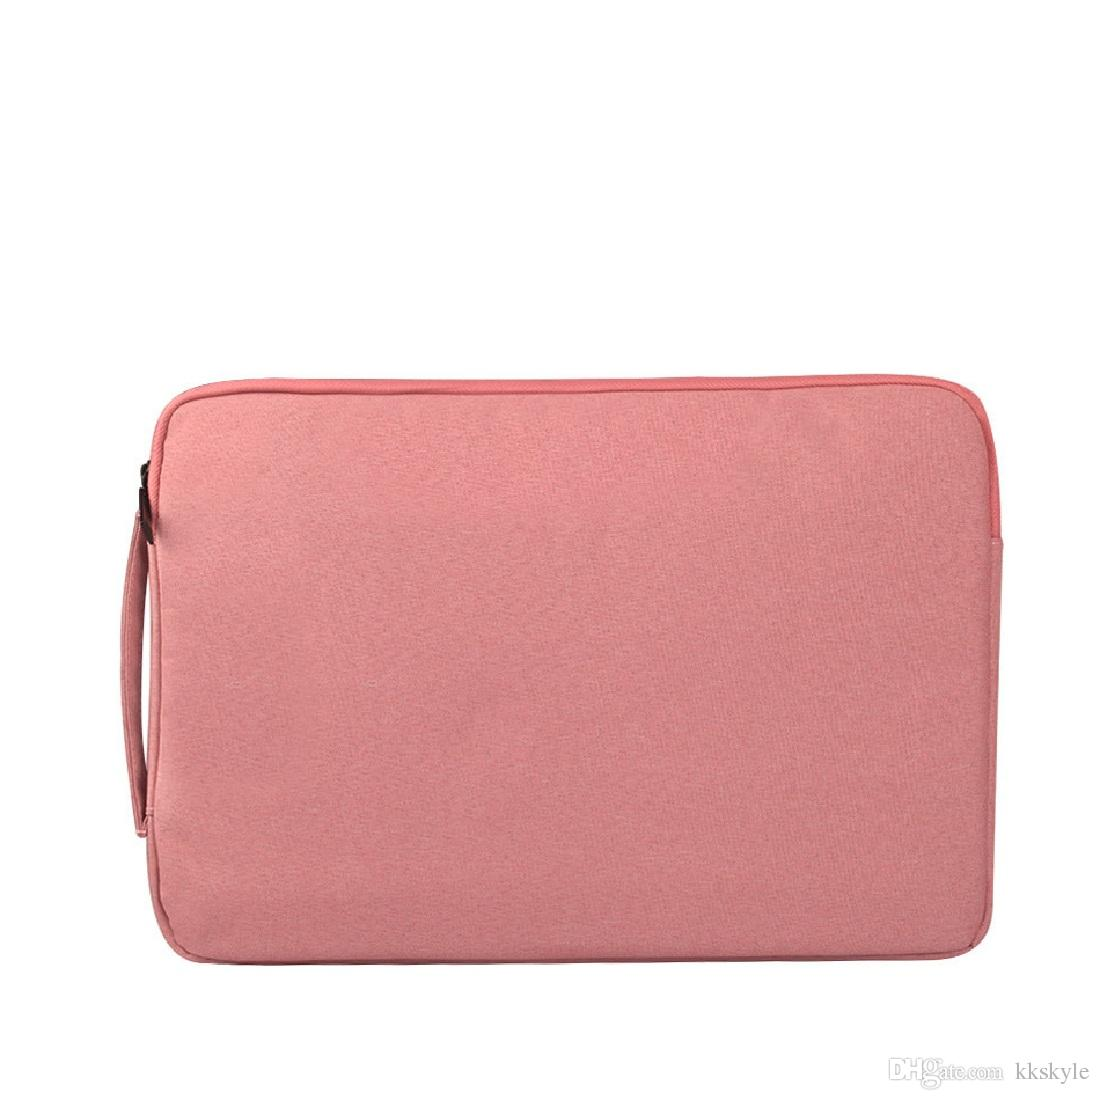 Laptop Sleeve 15,6 polegadas, tecido repelente de água saco de proteção caso para Asus F555LA / MB168B / X551 / Aspire Acer / Chromebook 15/15